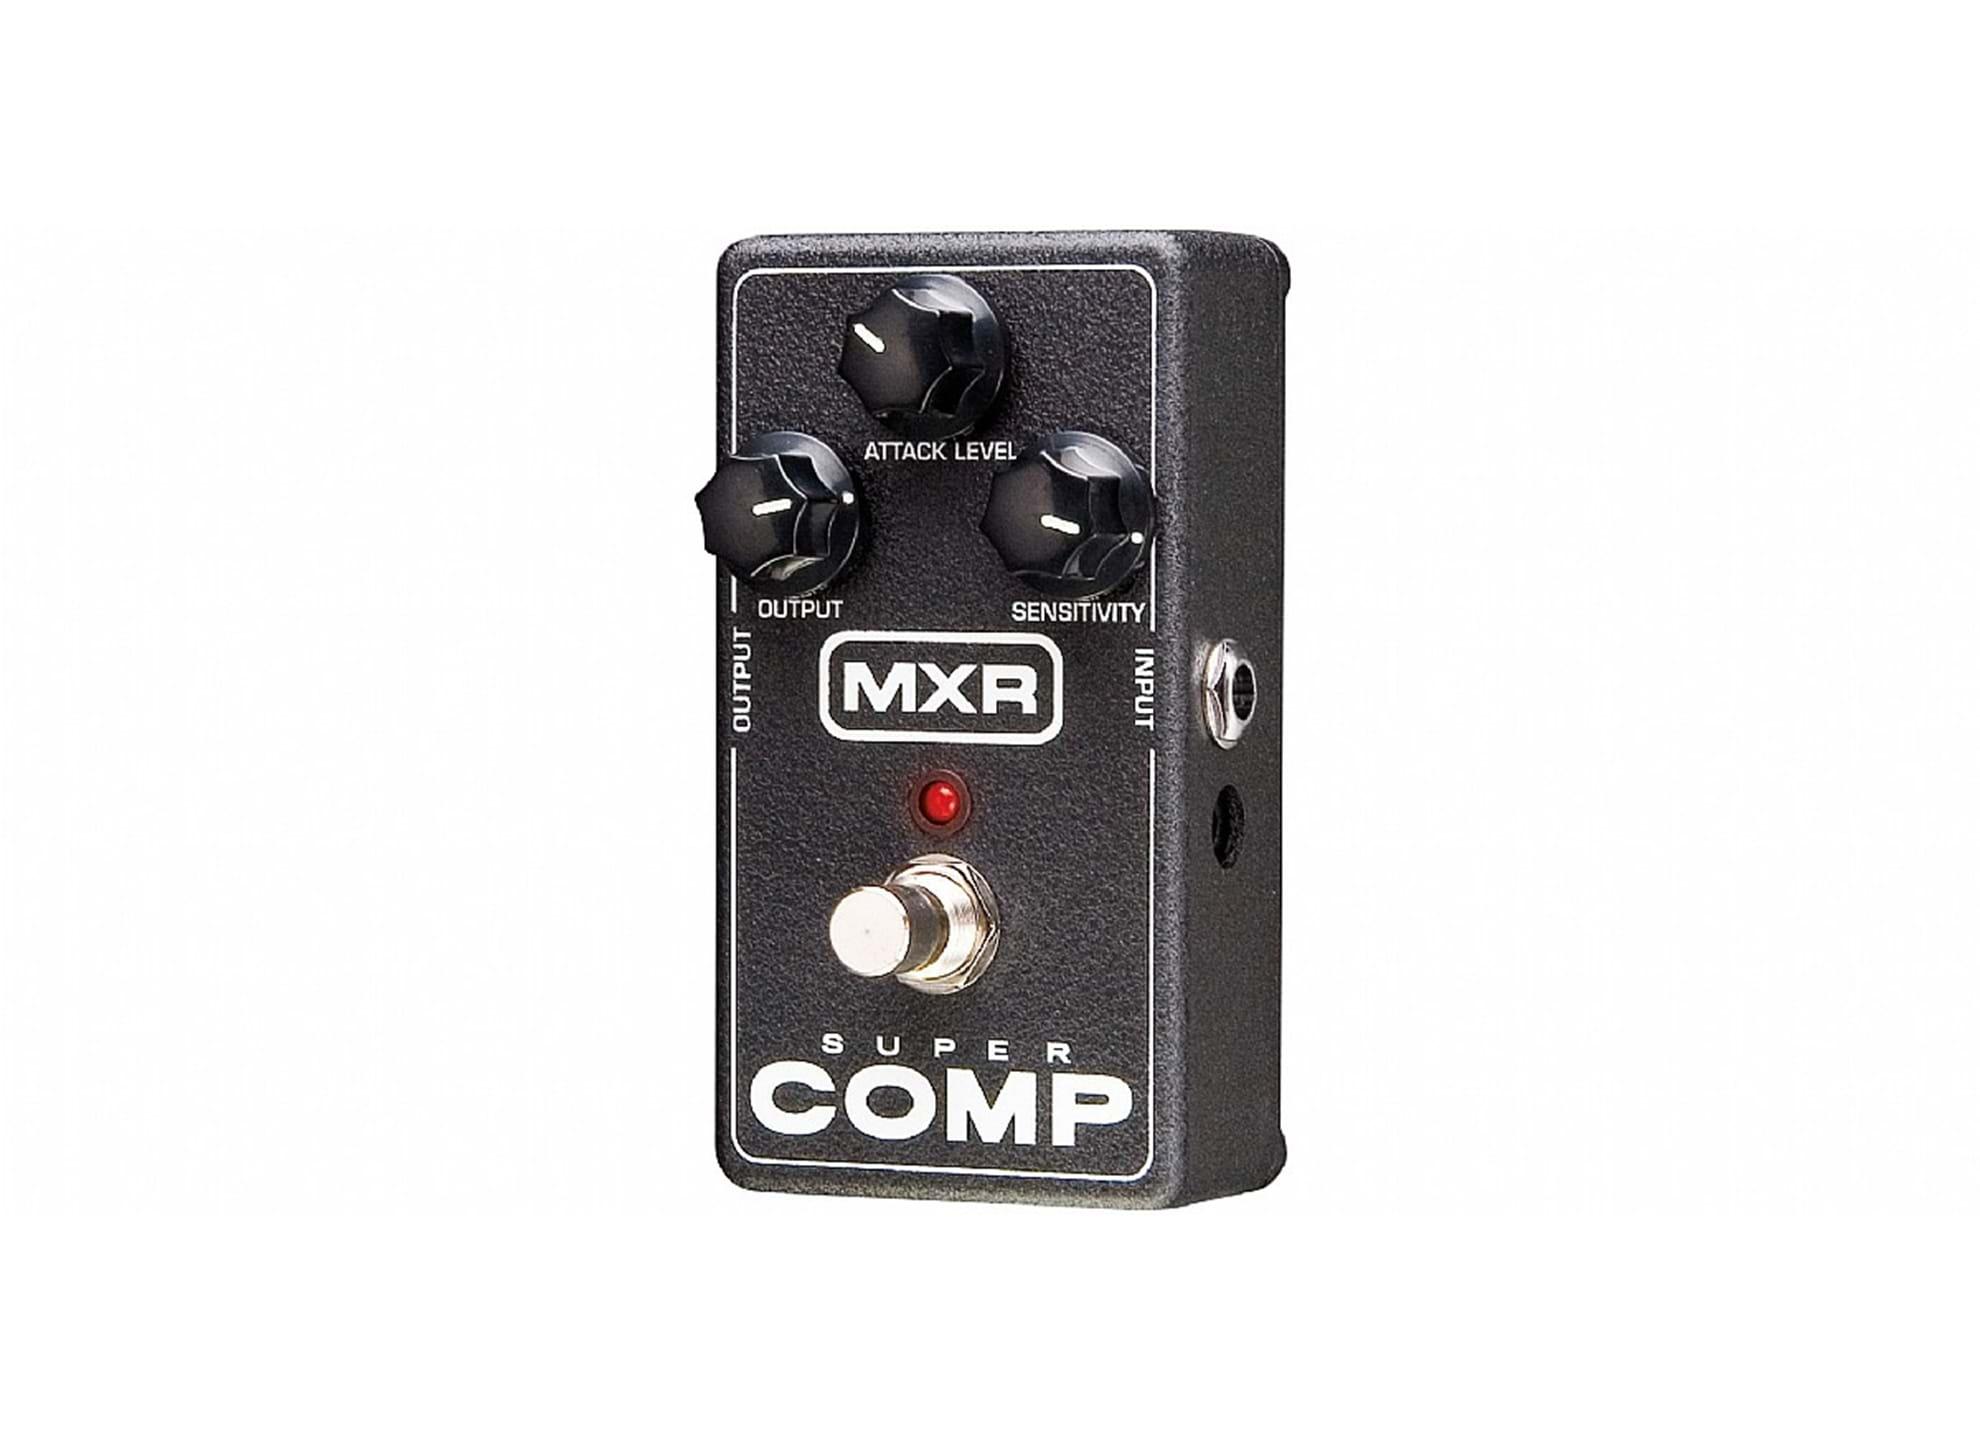 MXR Supercomp M132